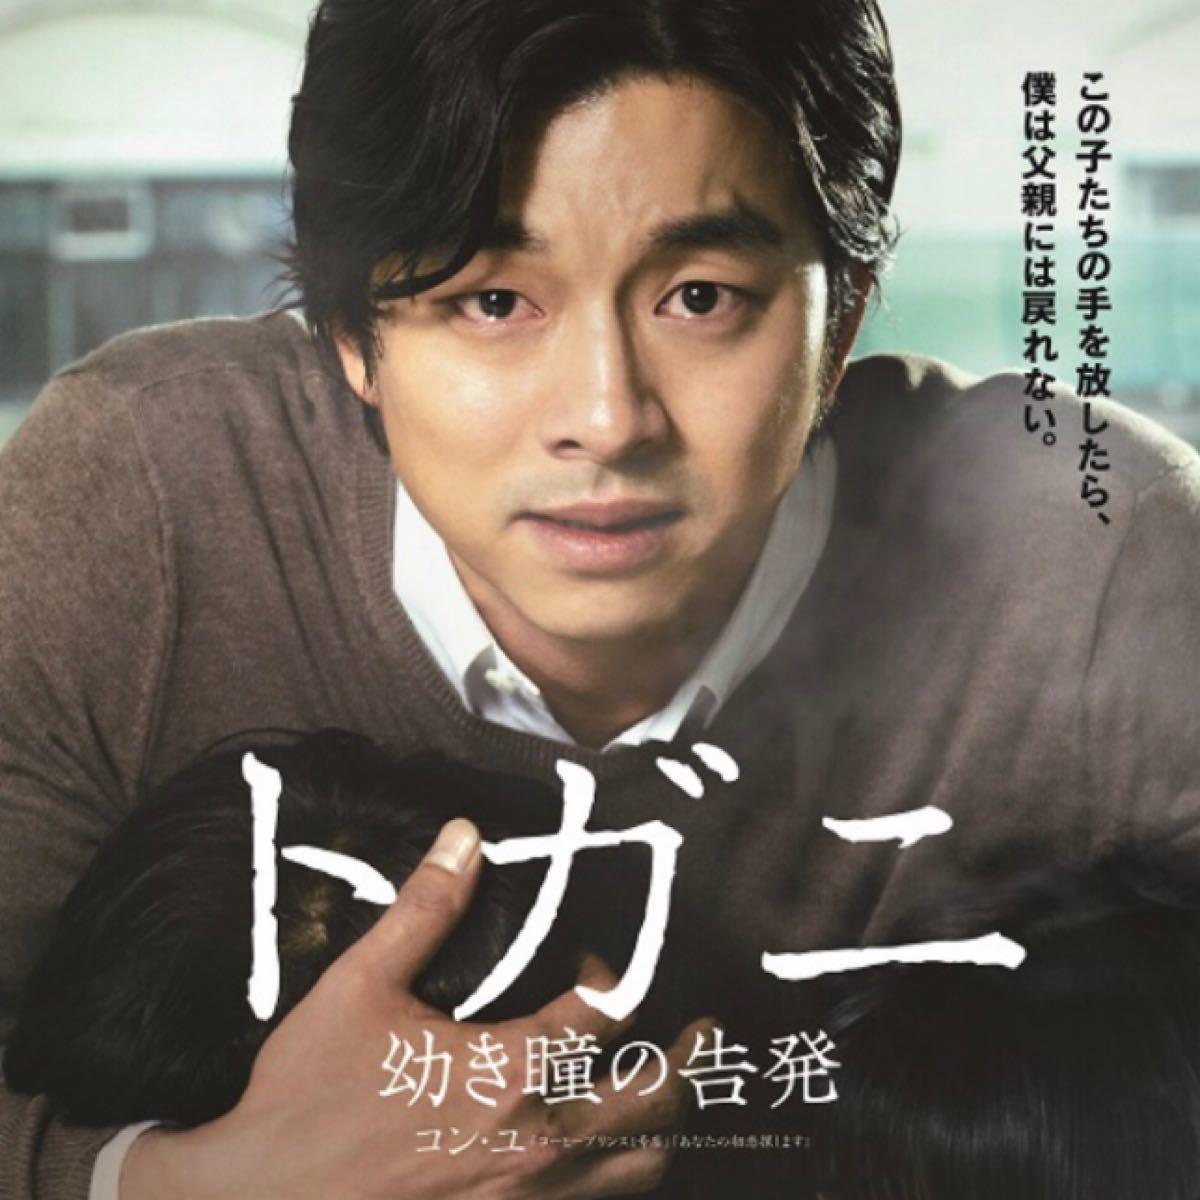 韓国映画  トガニ  コン・ユ  DVD  日本語吹替有り  レーベル有り